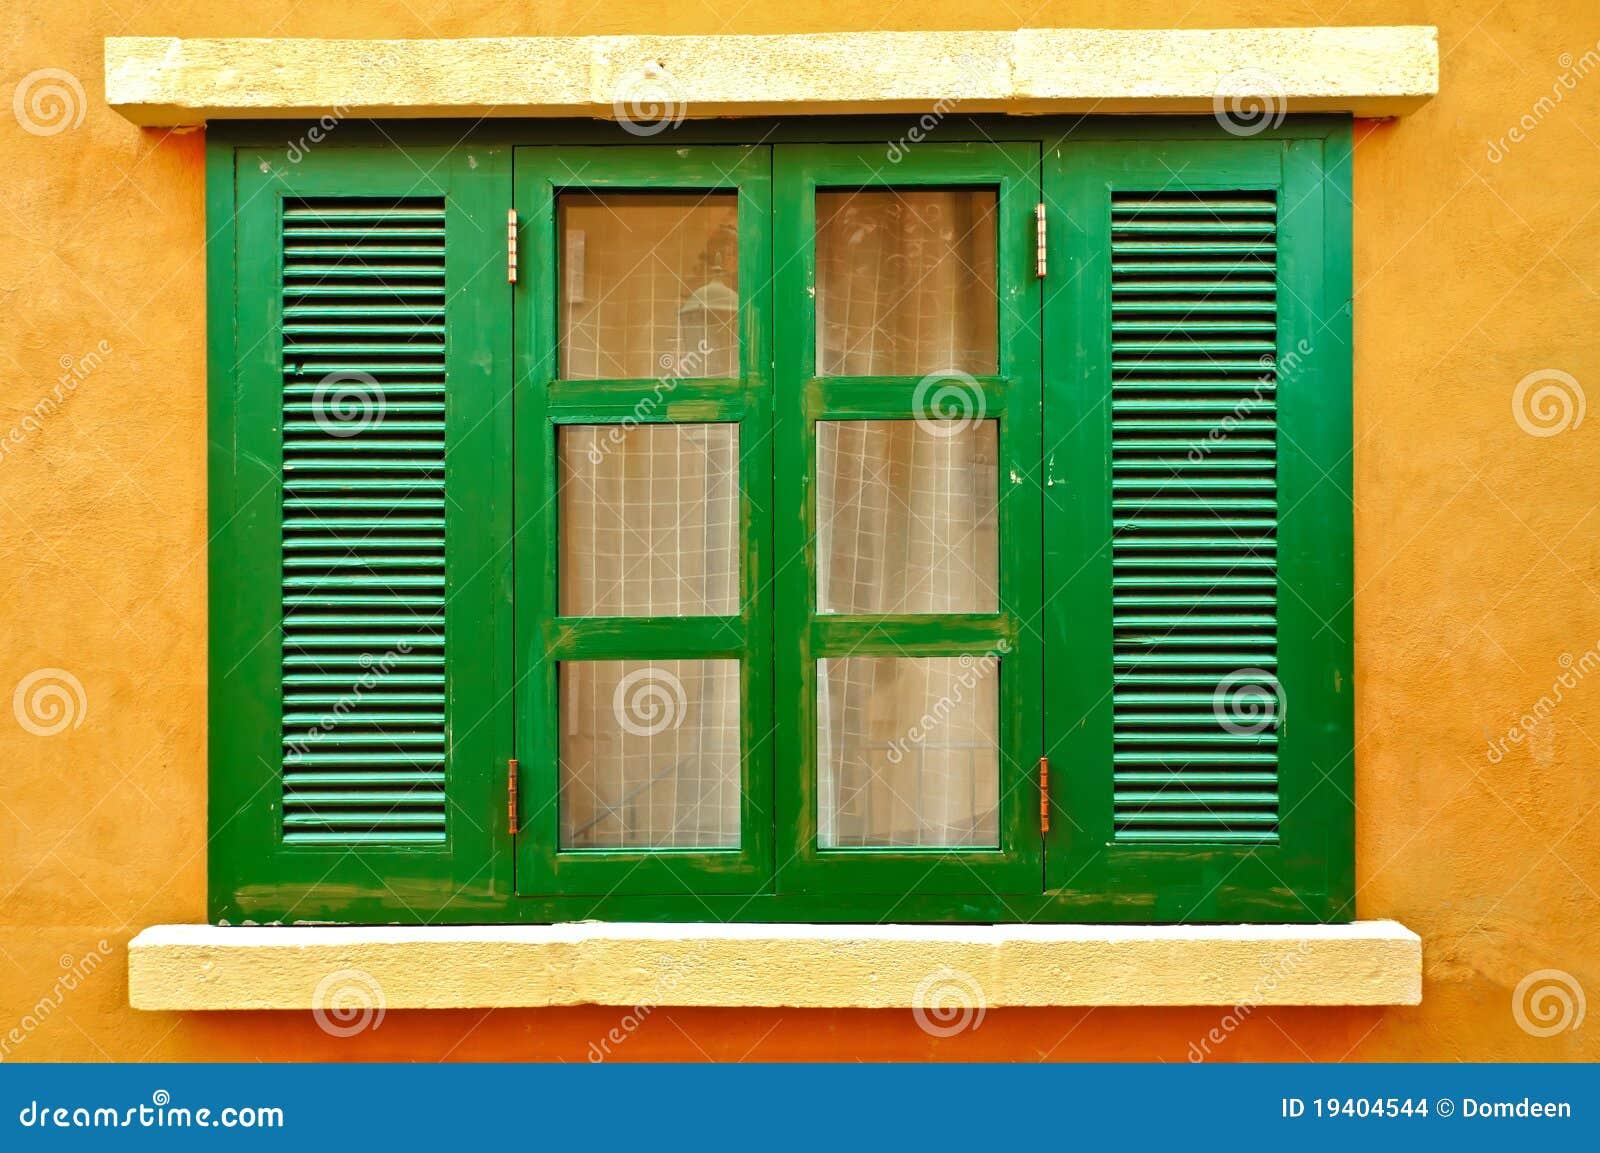 Grünes Fenster auf gelber Wand